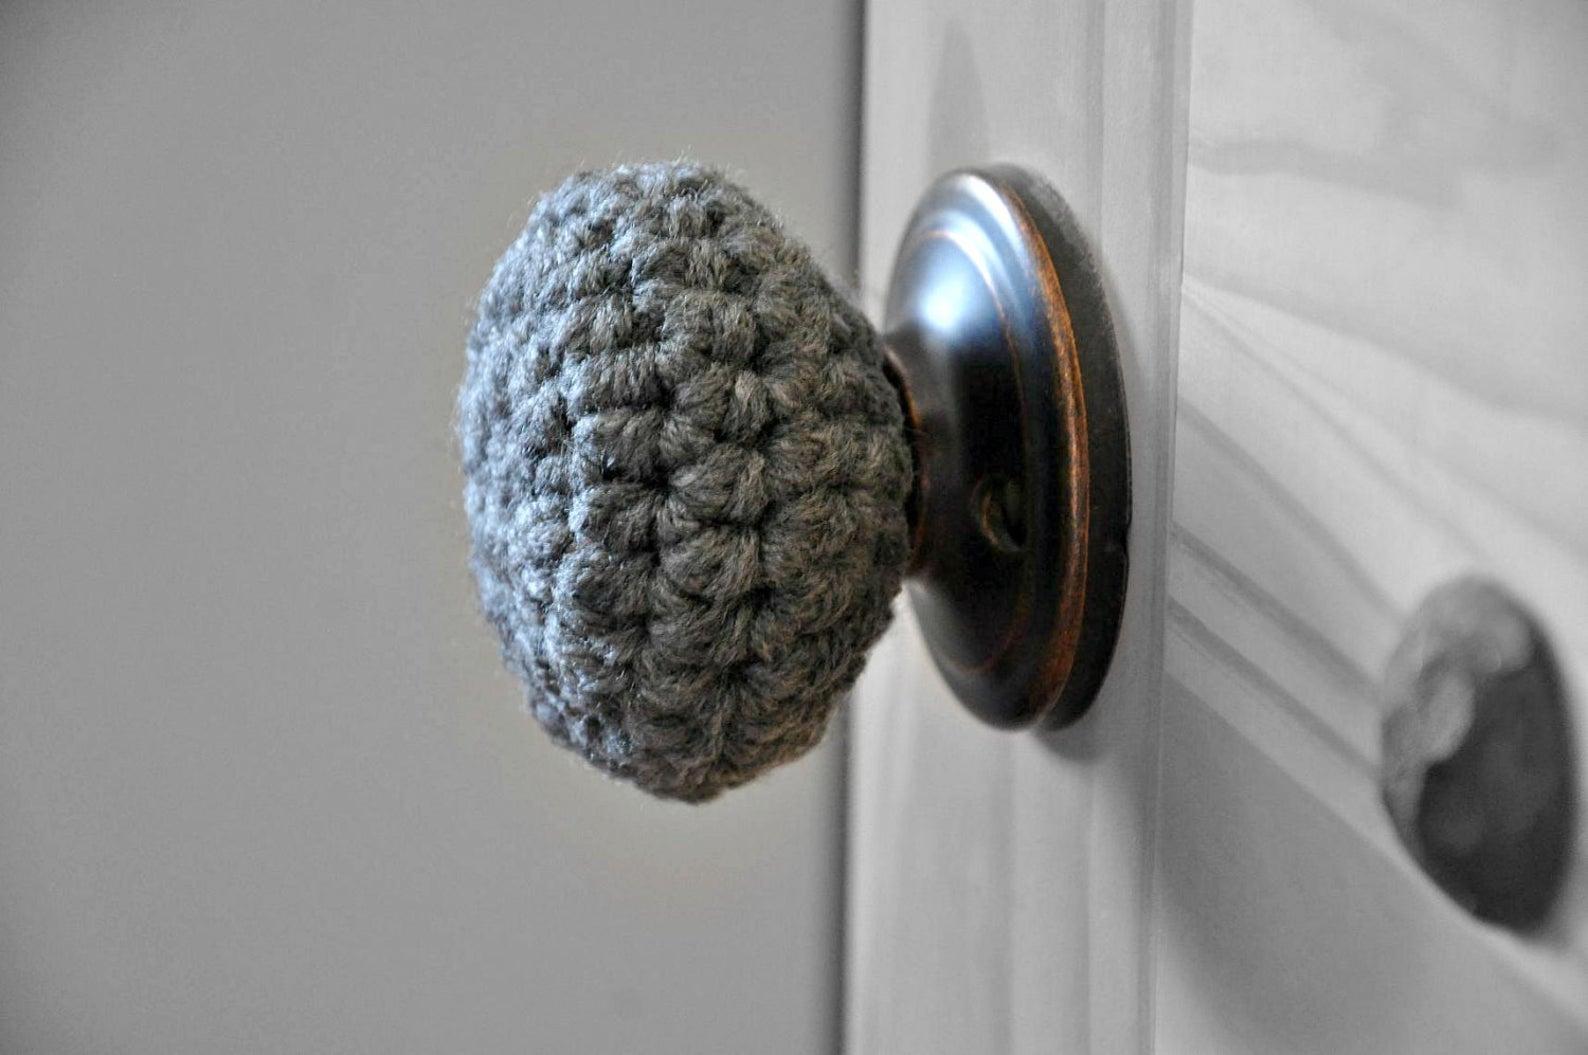 Gray crochet doorknob cover